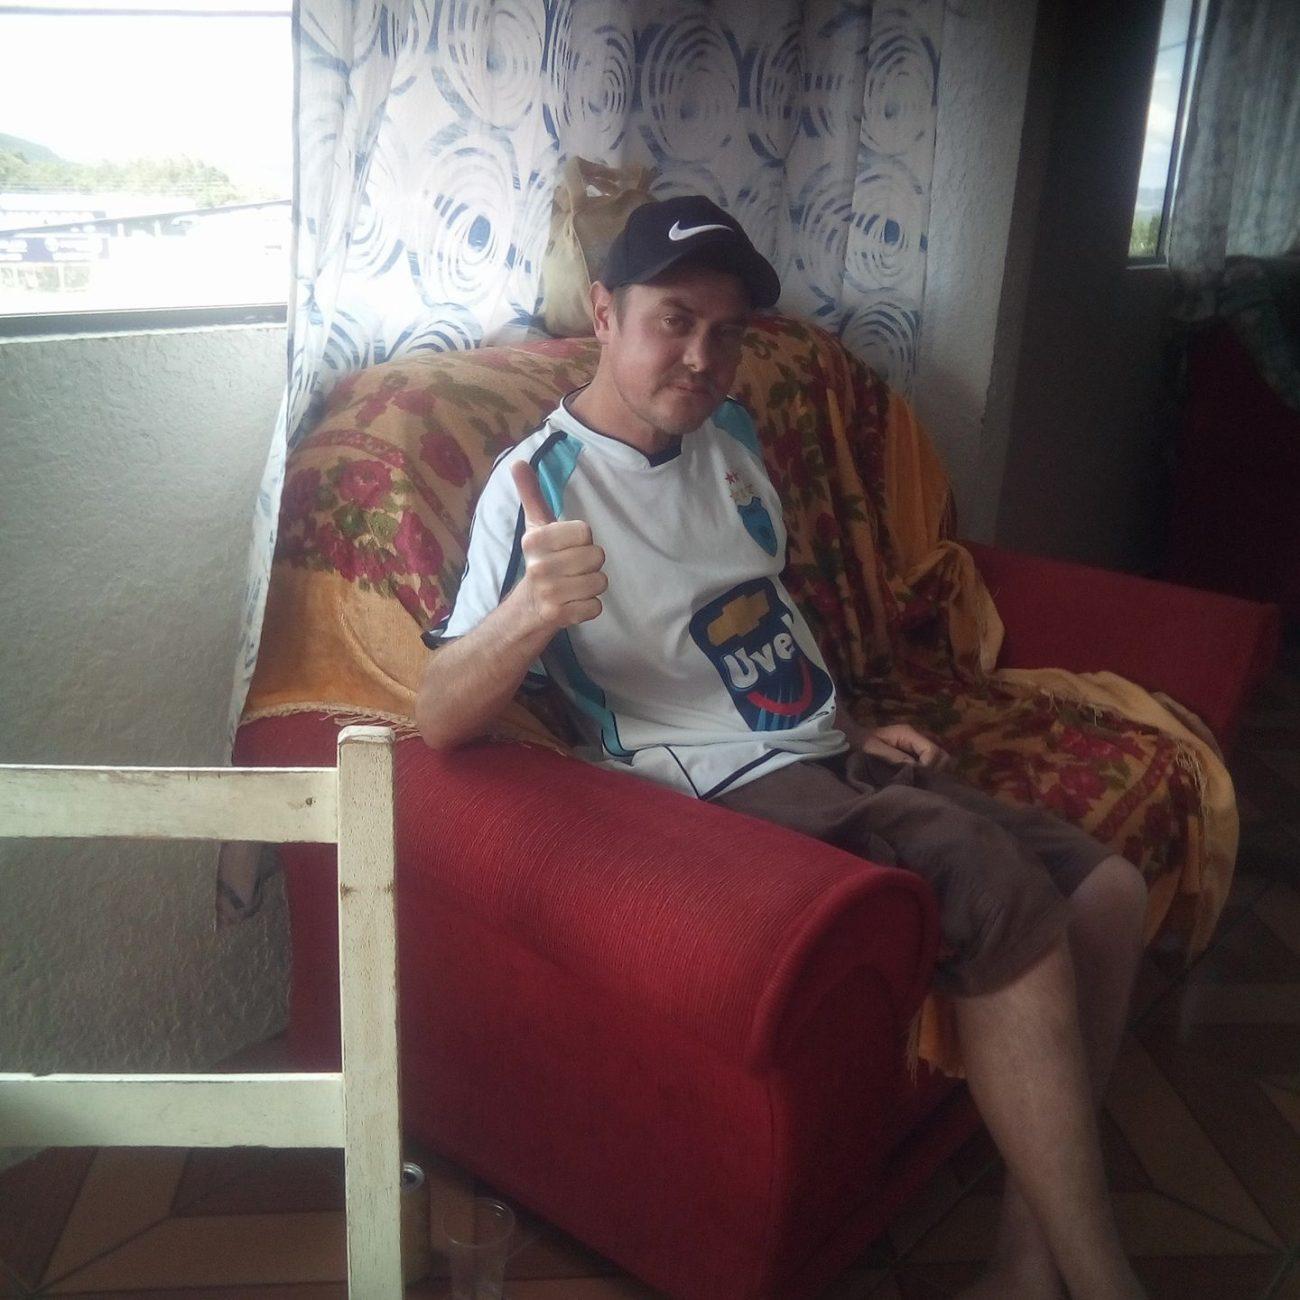 Valdinei Bison, de 35 anos, era morador do bairro Jacob Biezus, em Concórdia. Ele morreu em decorrência da Covid-19 na noite do dia 29 de maio. De acordo com informações da prefeitura, ele estava internado na CTI (Centro de Terapias Intensiva) do Hospital São Francisco. Ele sofria tinha doença renal e diabetes, afirma a Secretaria de Saúde. - Reprodução Redes Sociais